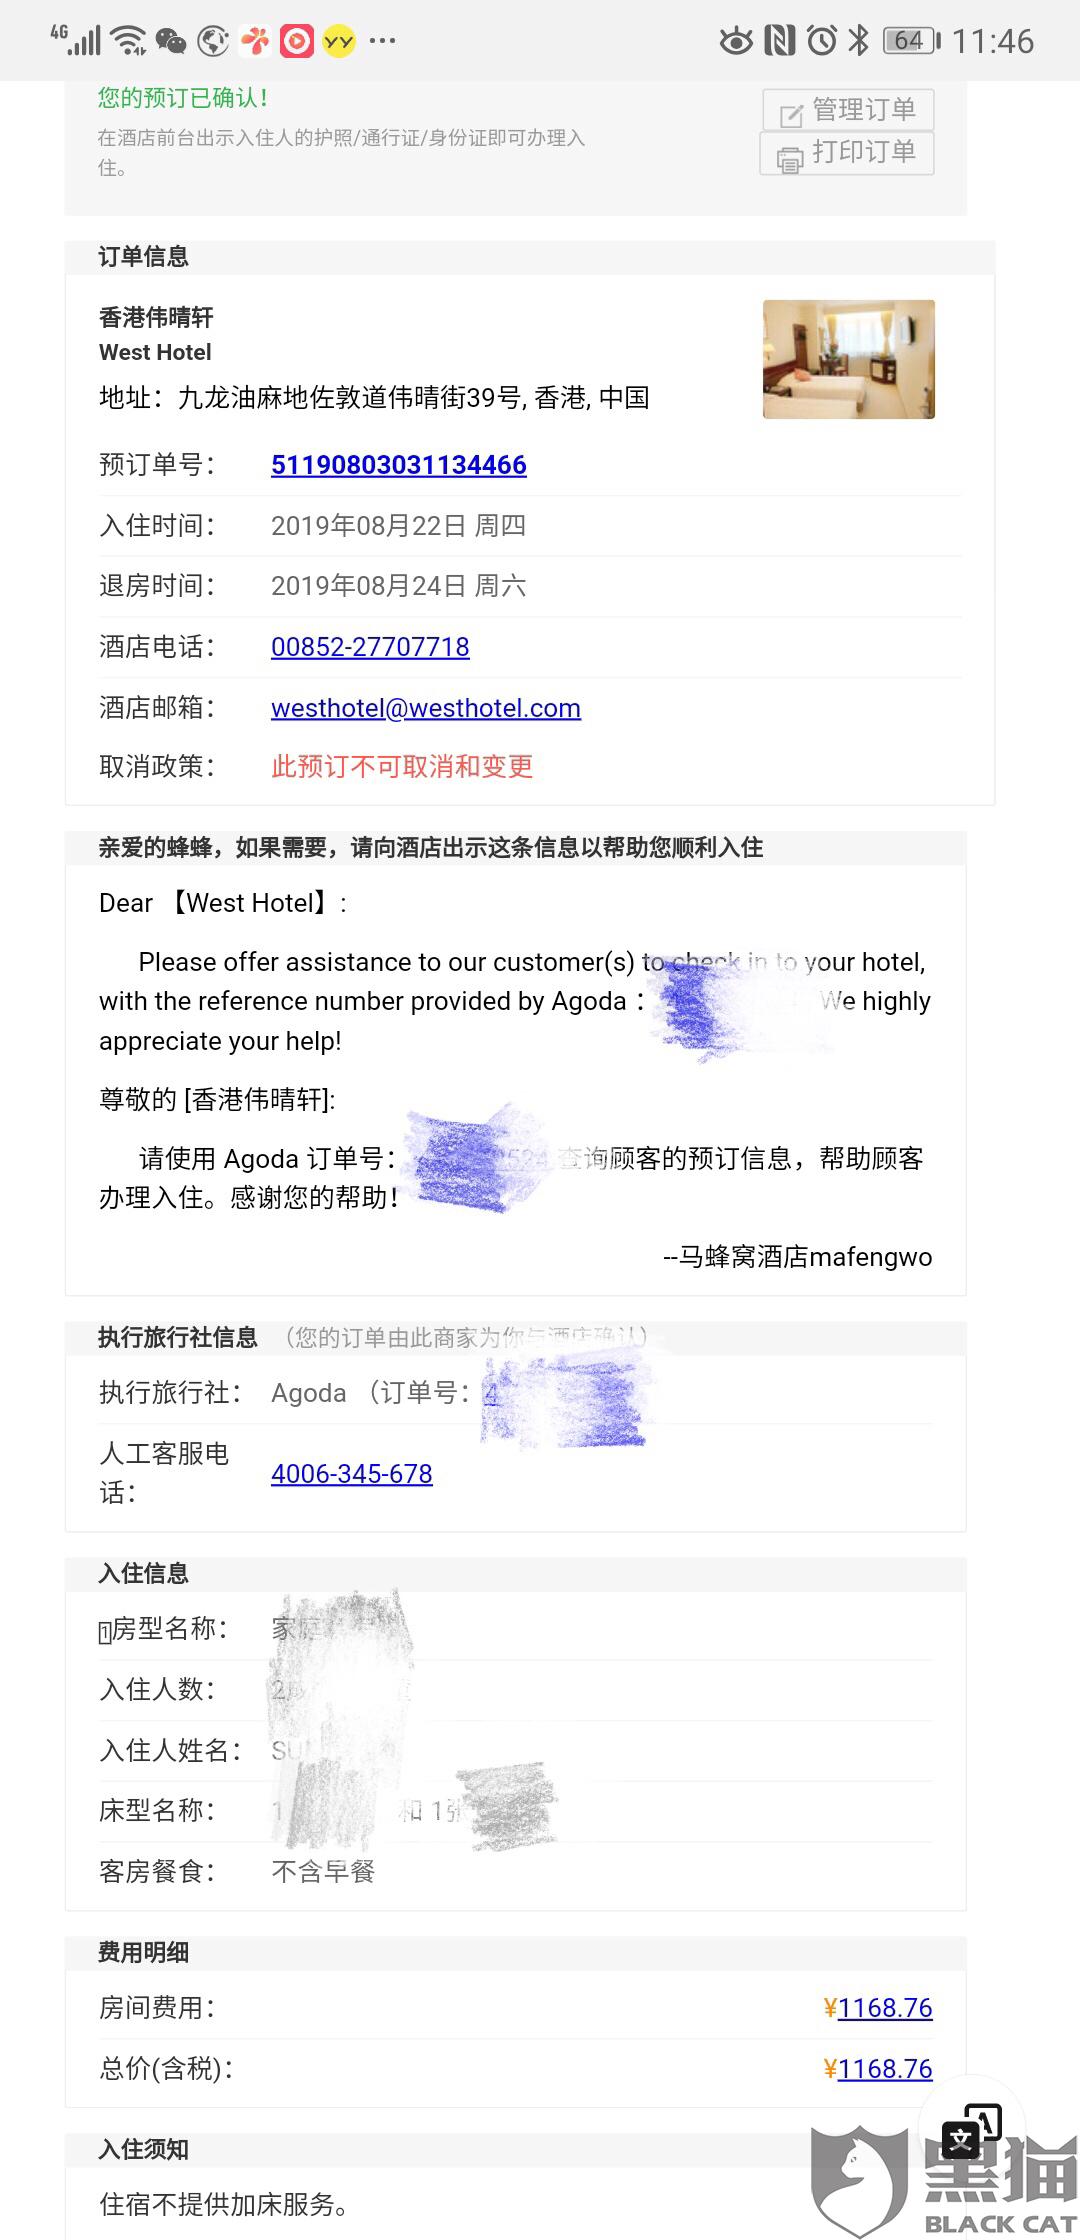 黑猫投诉:在马蜂窝预定了4天香港伟晴轩酒店要求退款